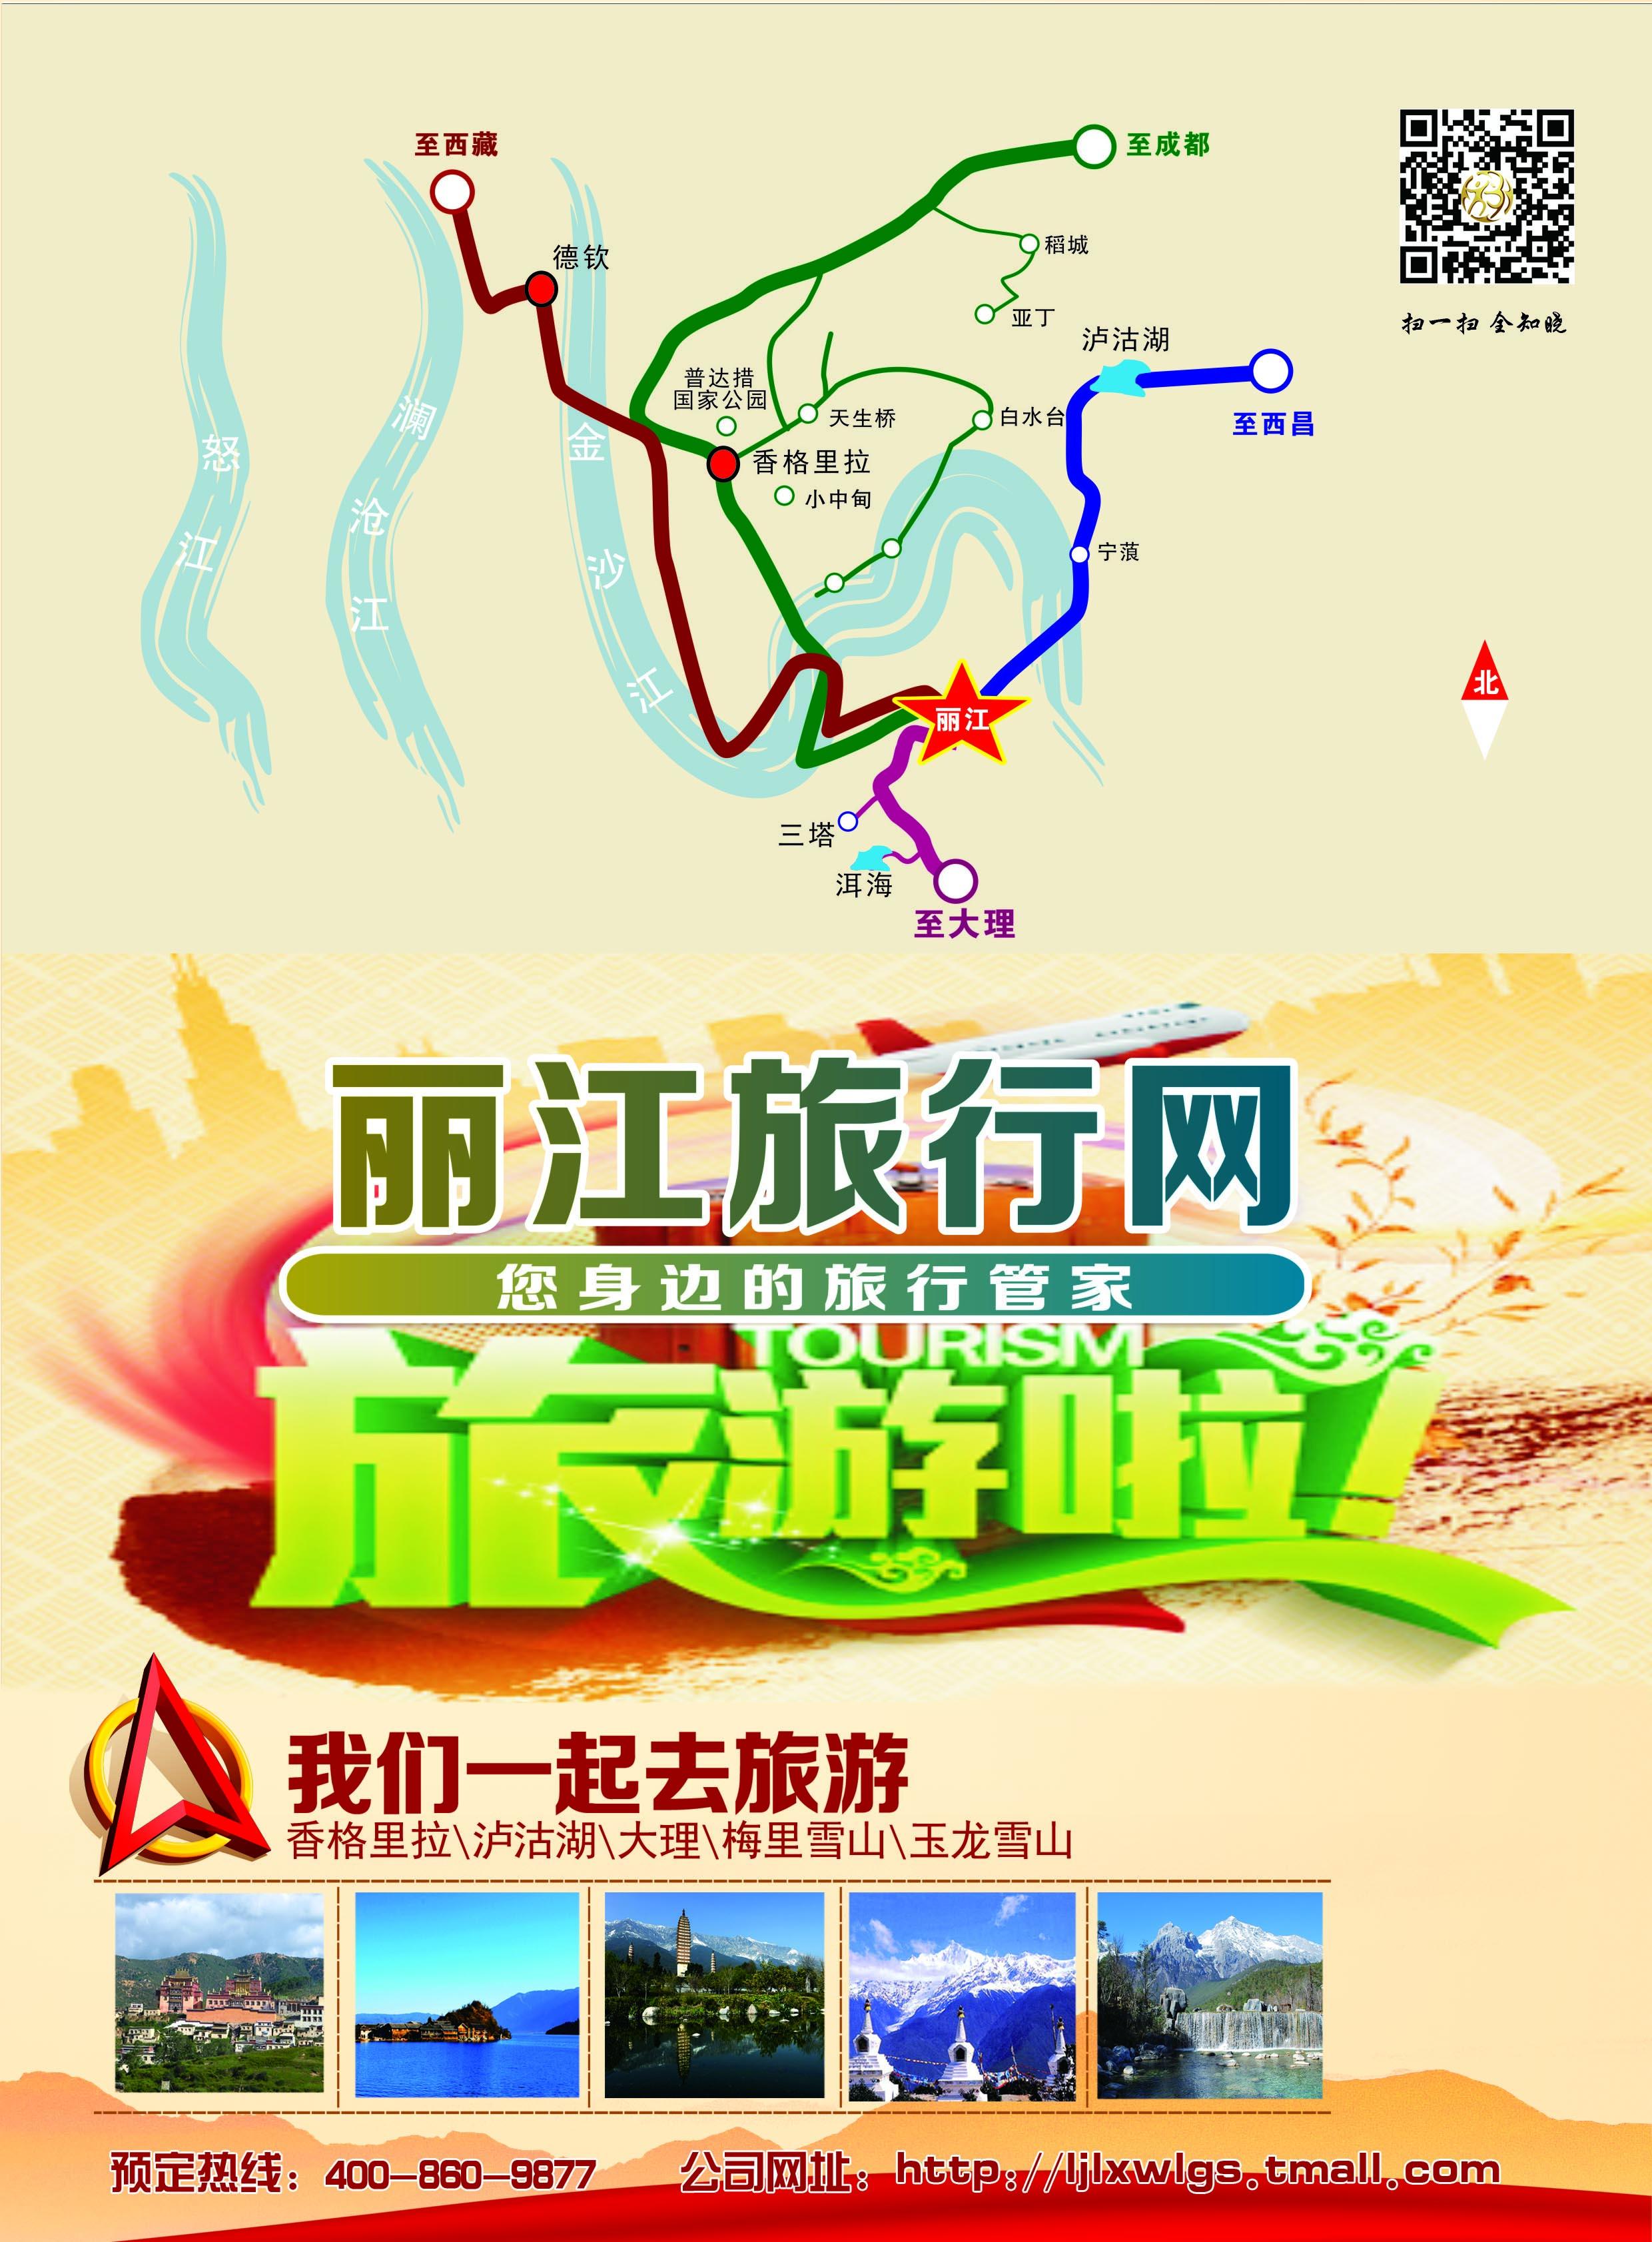 丽江旅行网